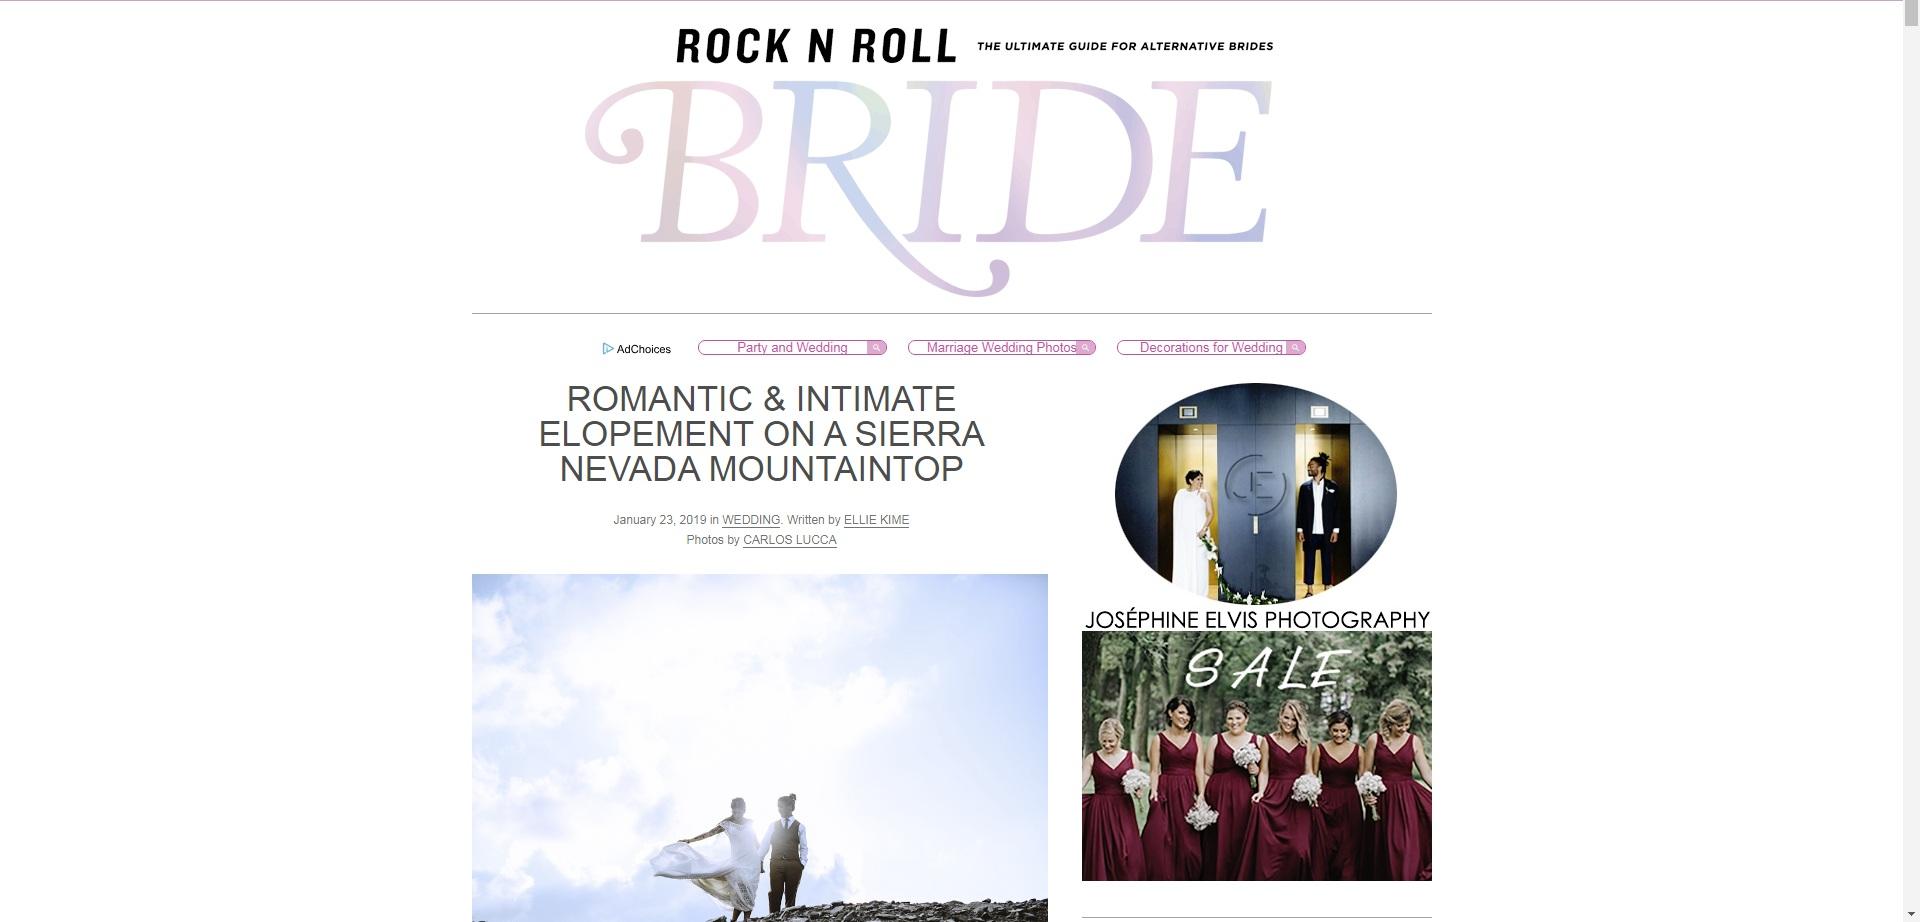 rockandroll_bride_01a.jpg